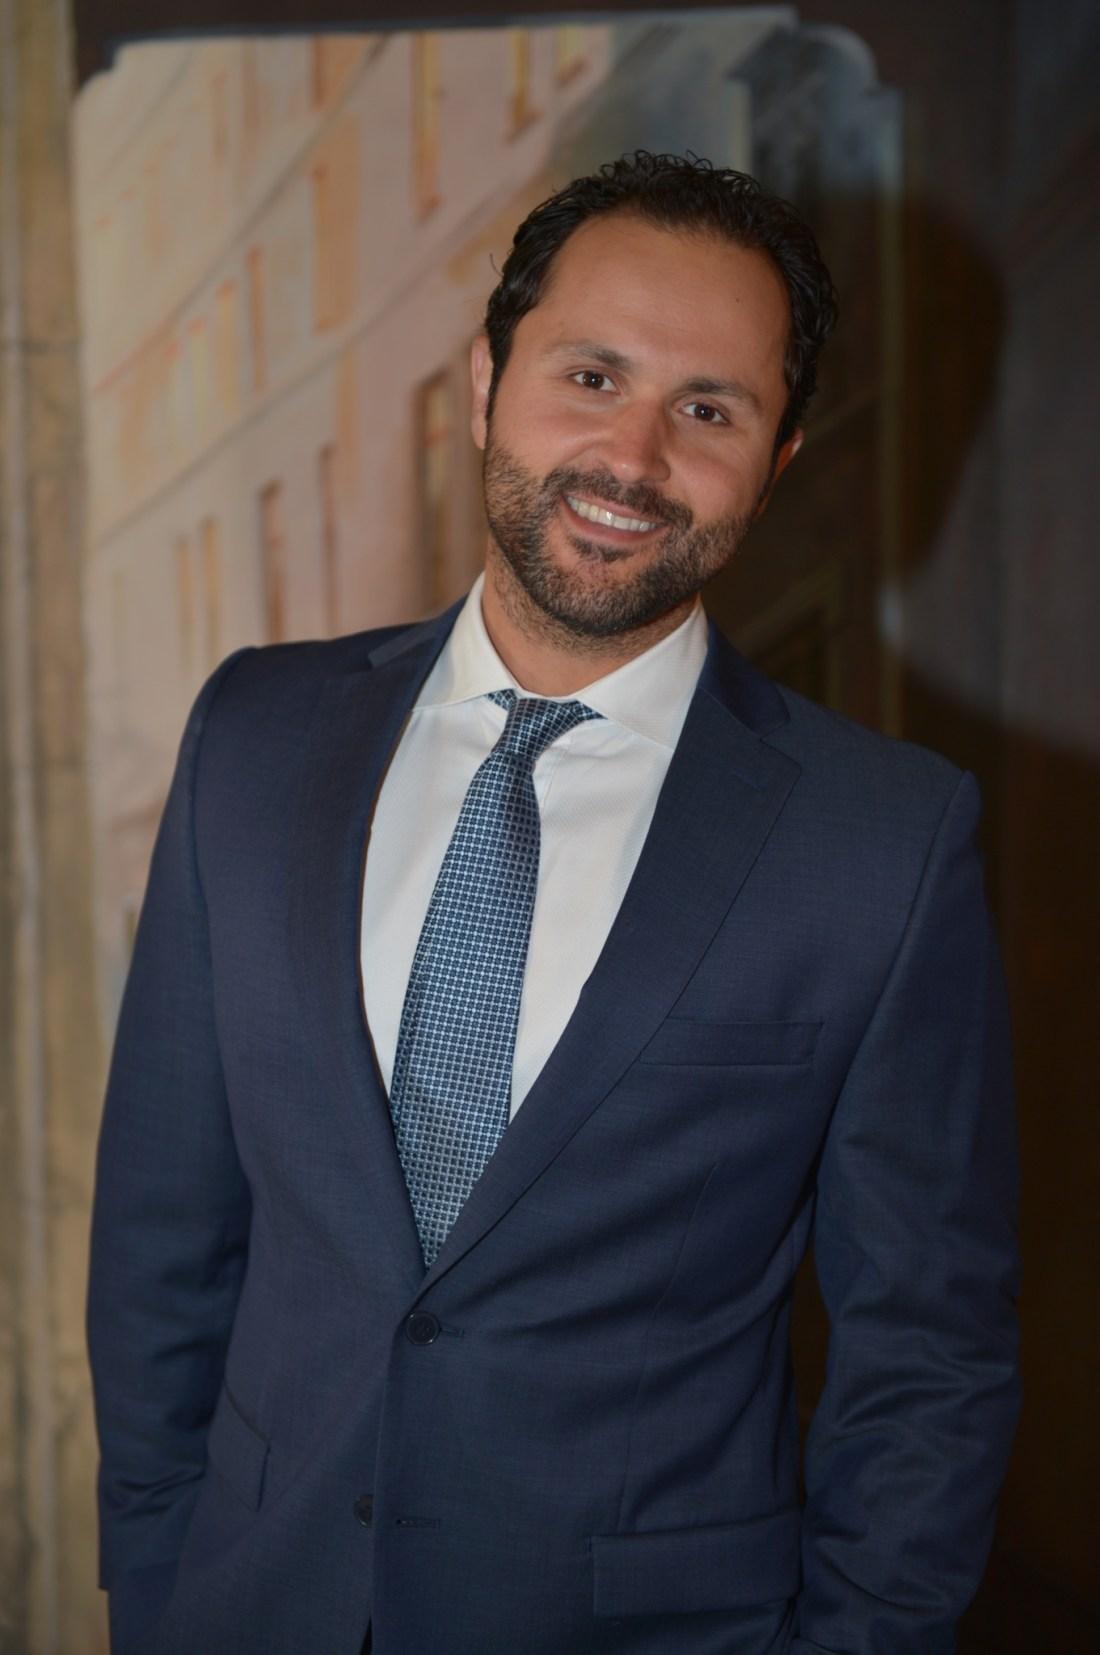 Dr. Danial Kalantari, DDS/DMD